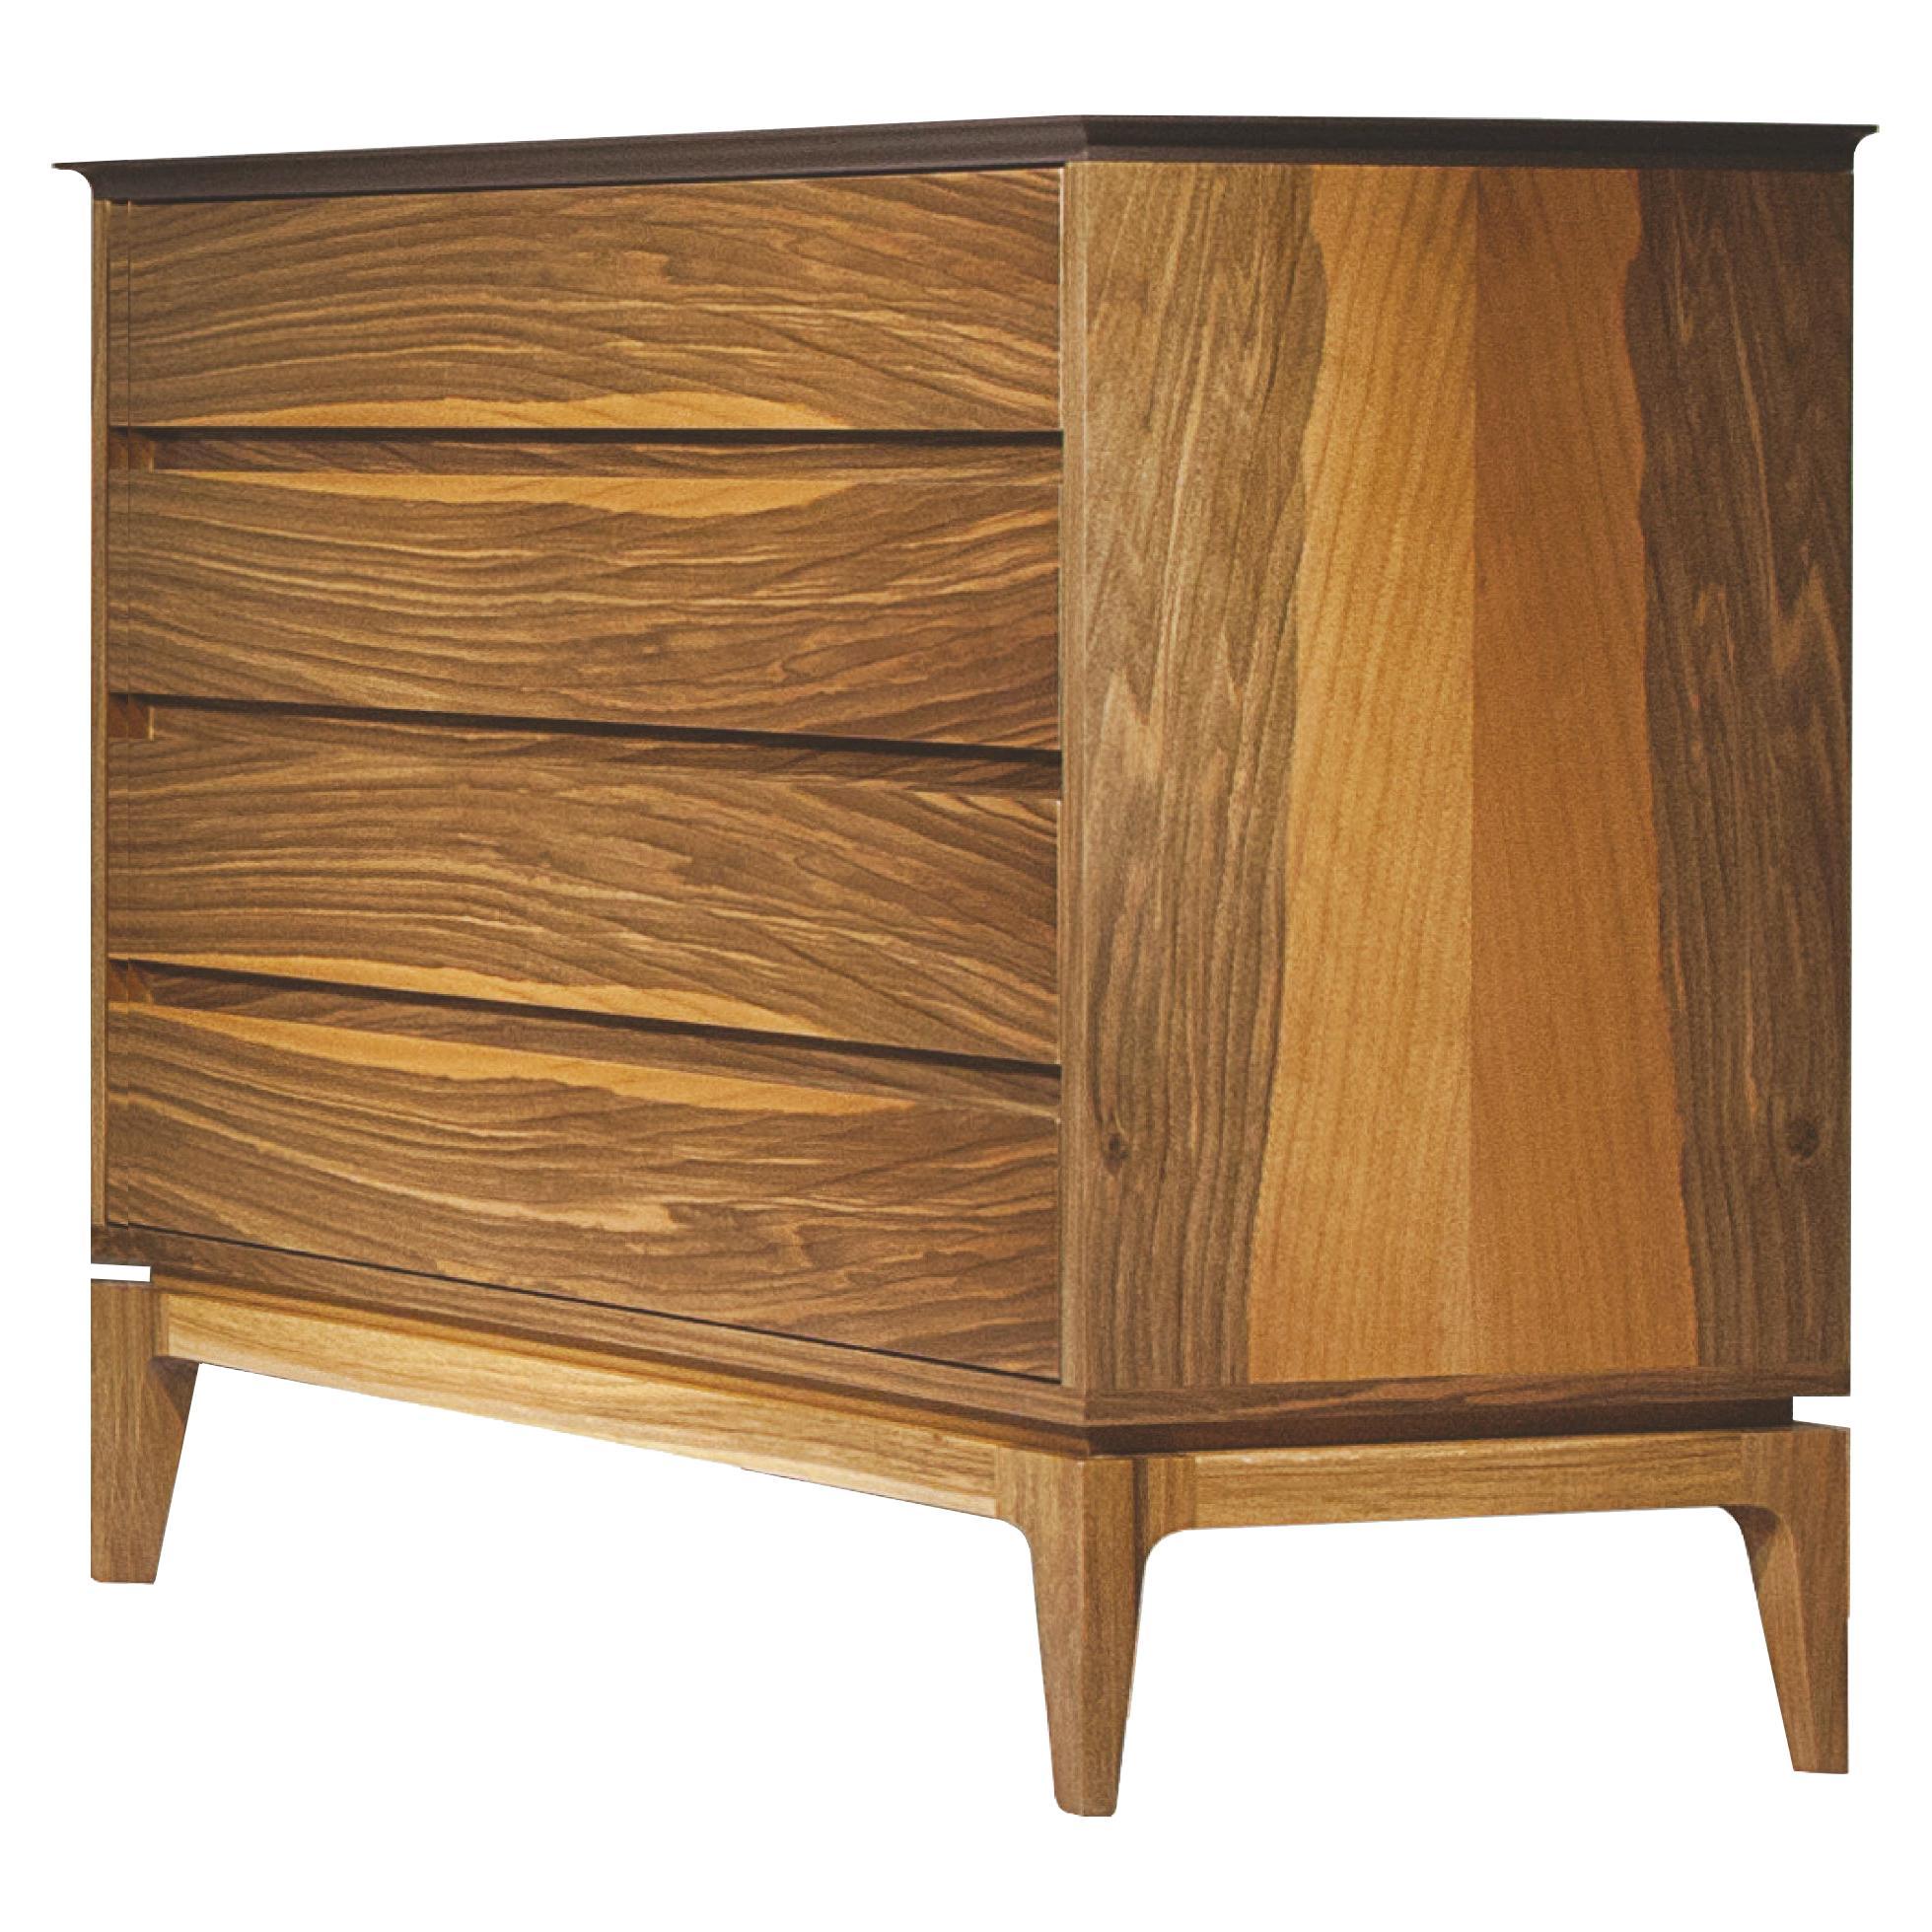 Cloud Dresser, Solid Walnut Wood Brown Top Bedroom Dresser